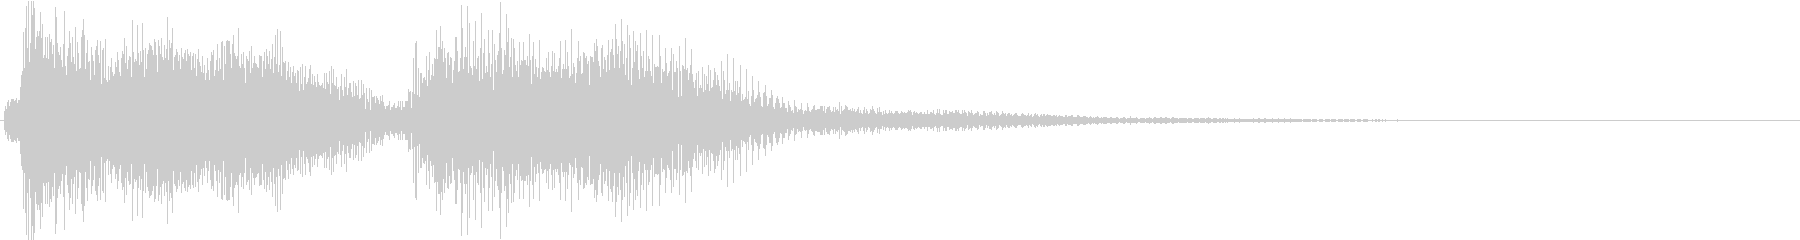 KANTクイズの時のジングル3の未再生の波形